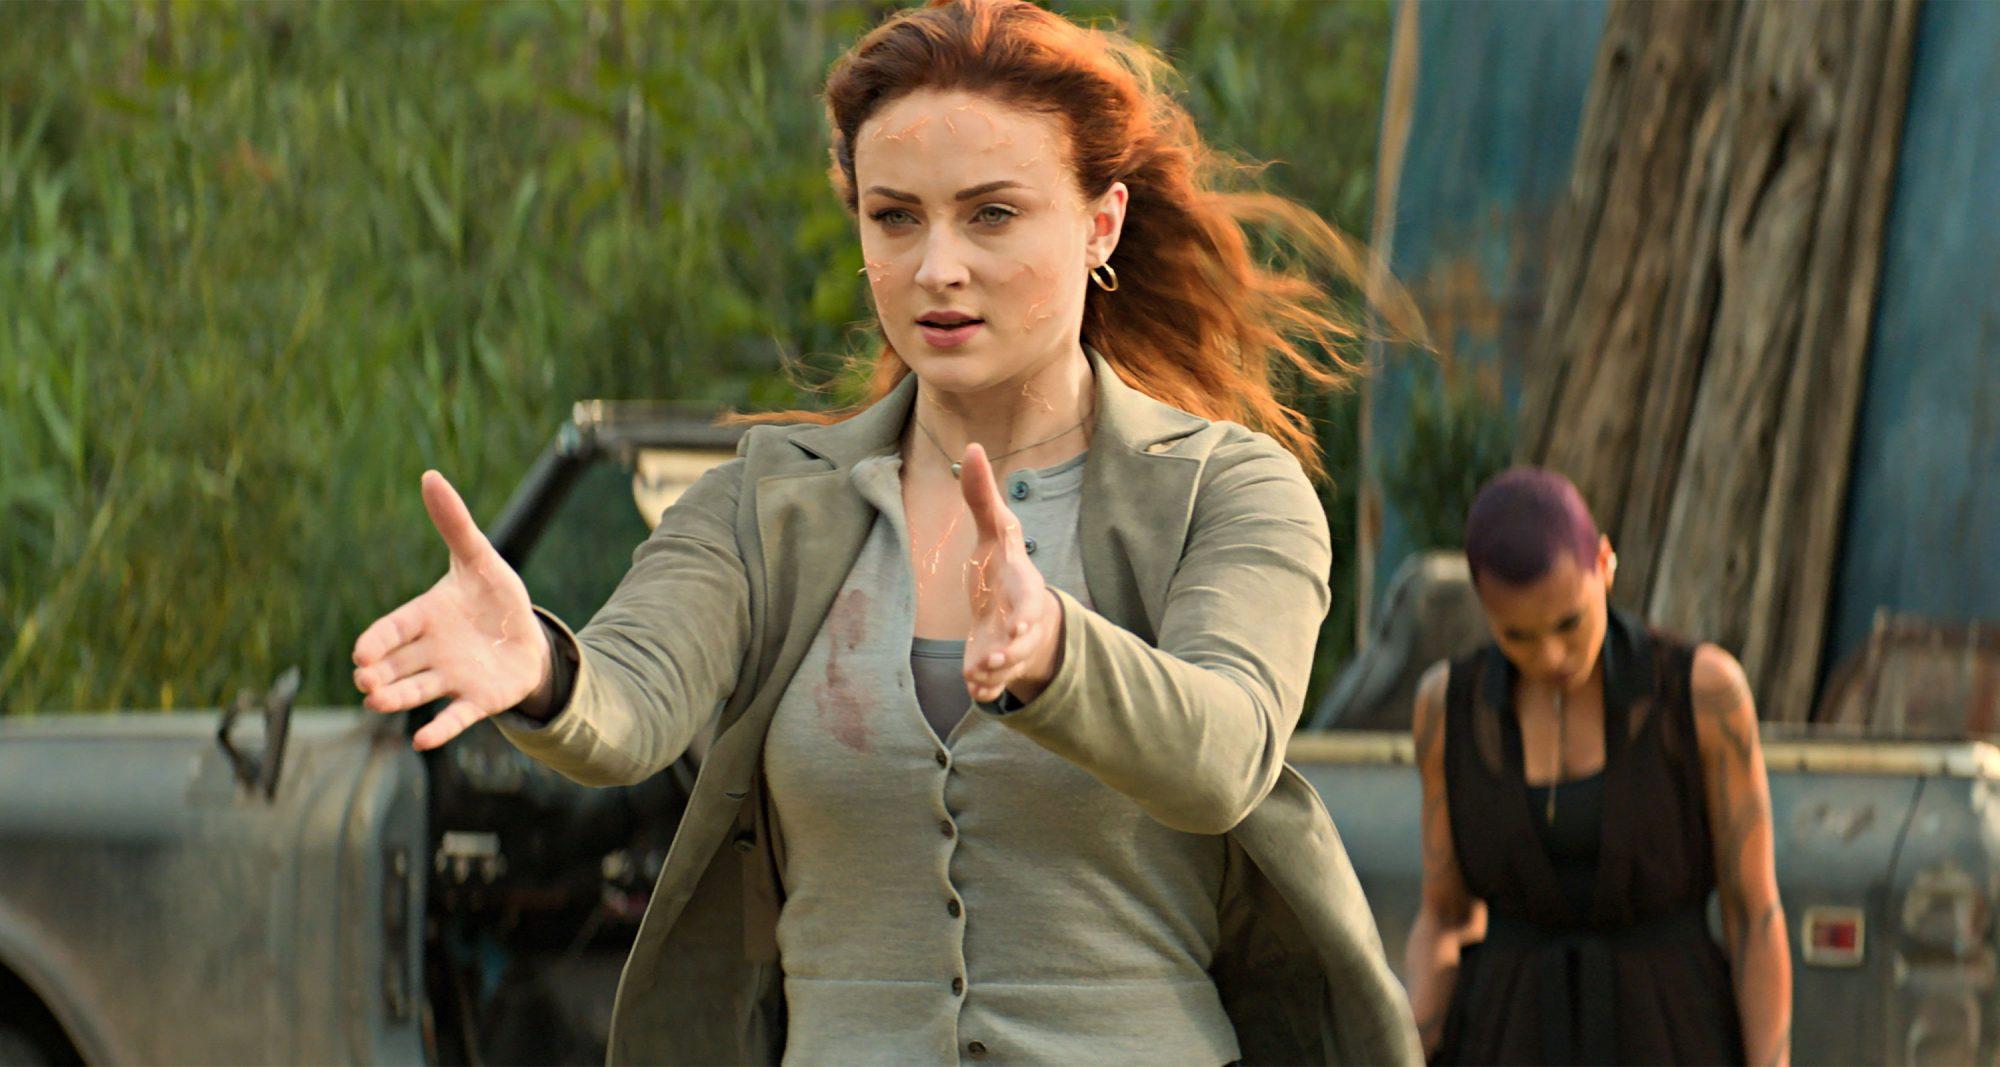 DARK PHOENIX Sophie Turner as Jean Grey